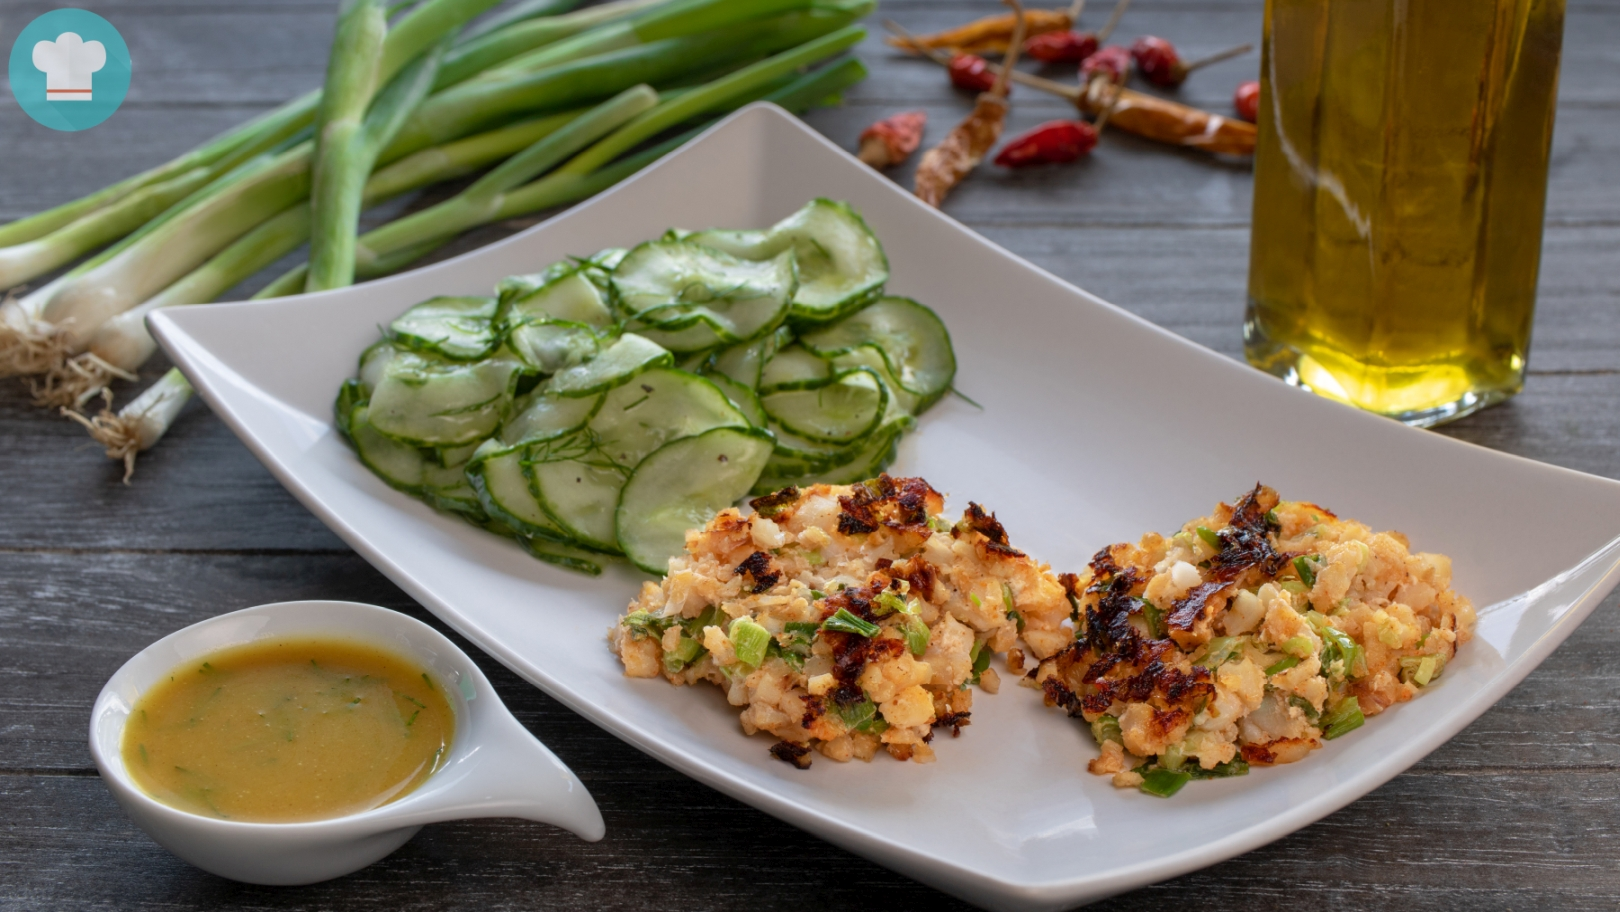 Lachsfrikadellen mit Gurkensalat und Honig-Senf-Soße